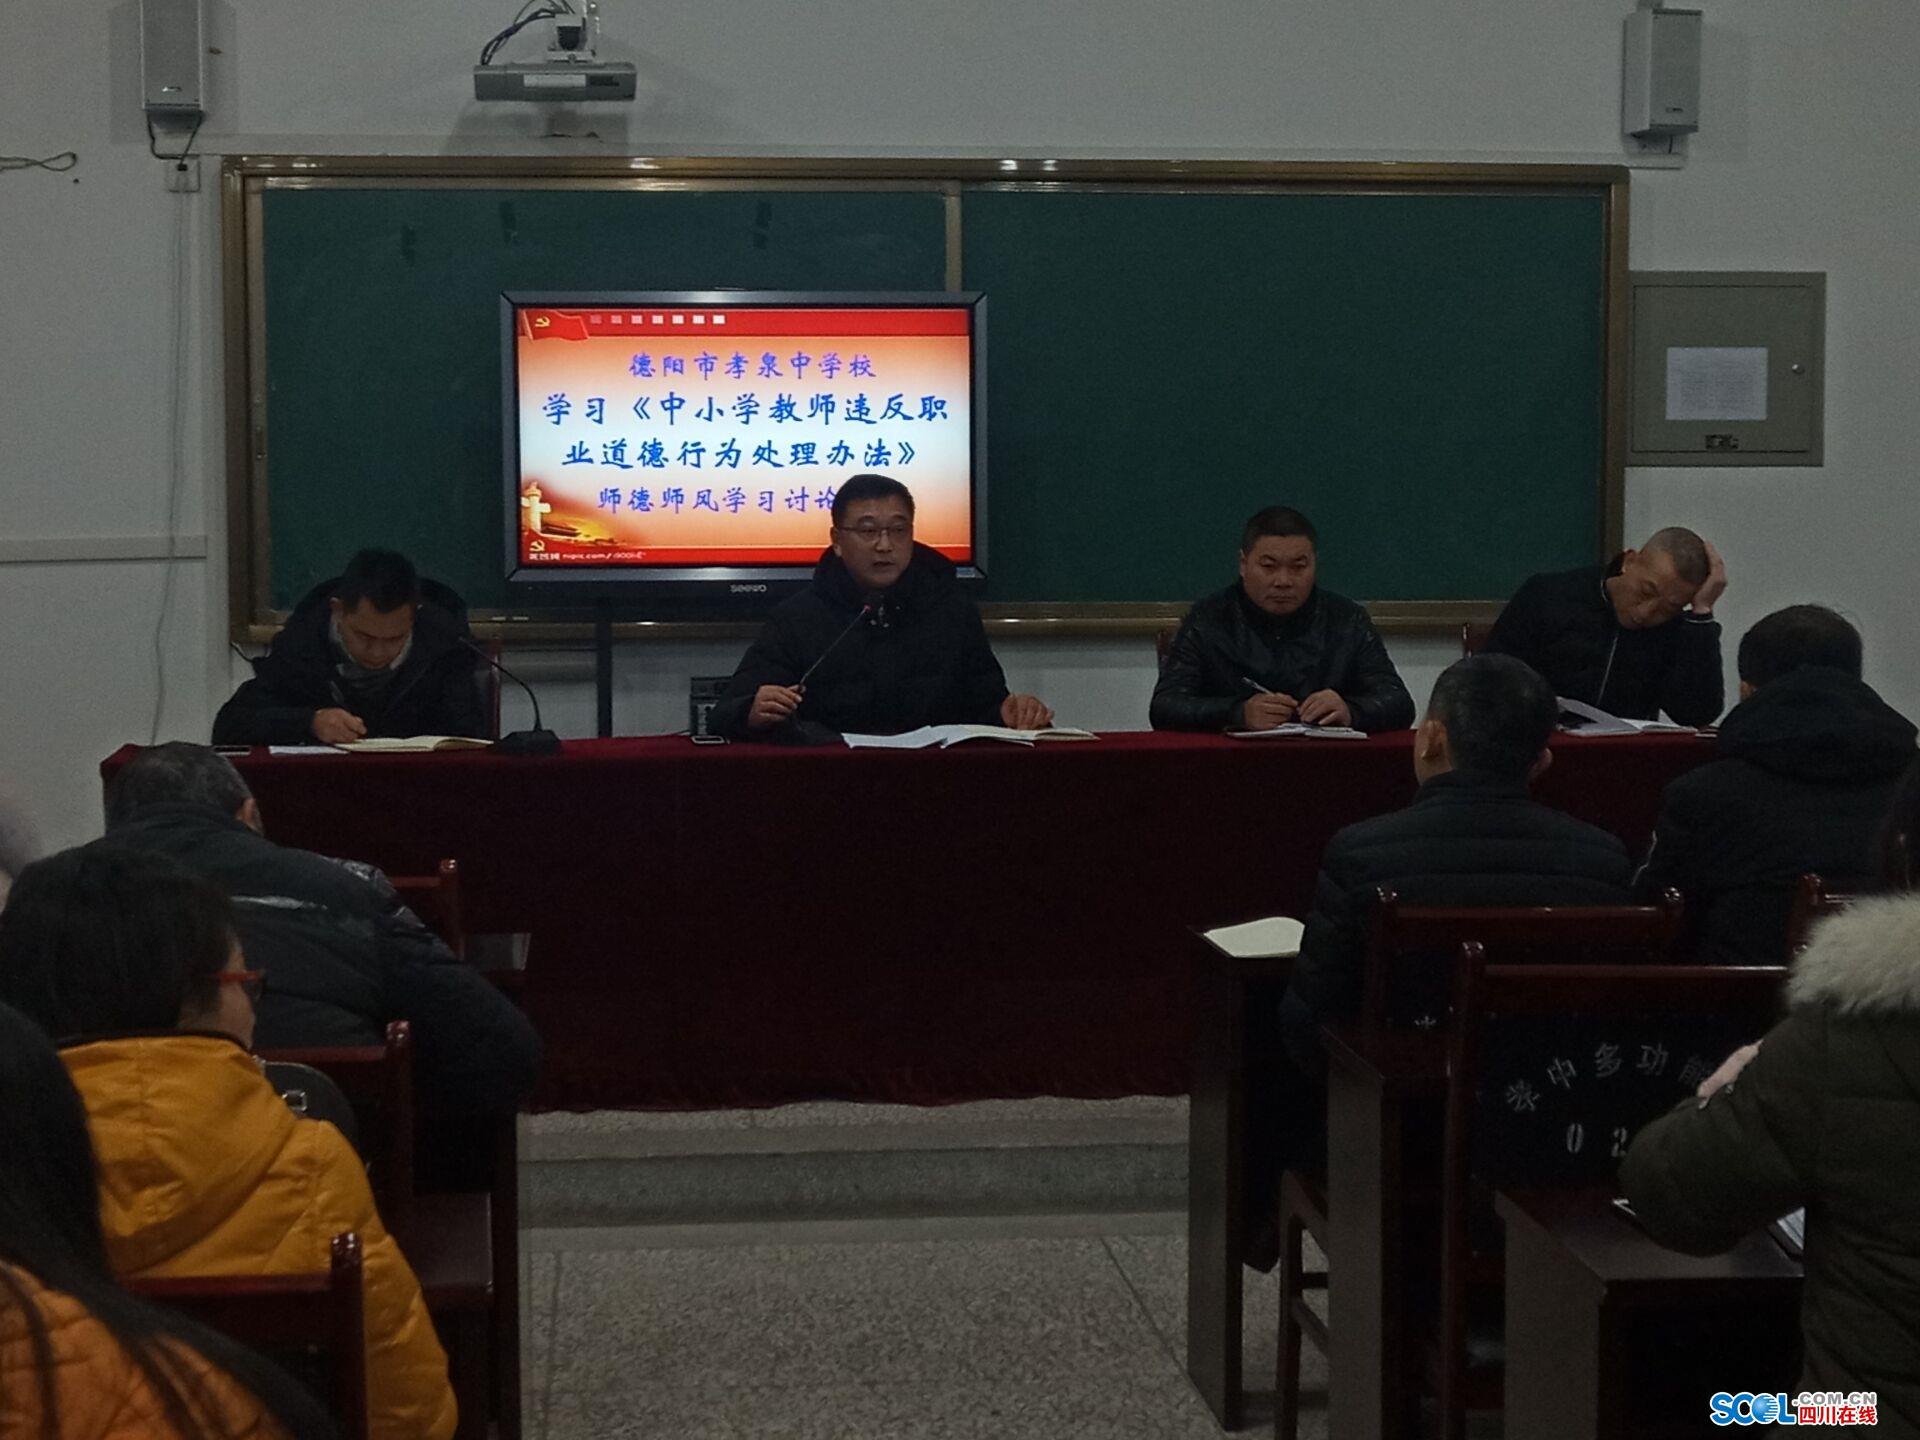 孝泉中学组织全体教师学习《中小学教师违反职